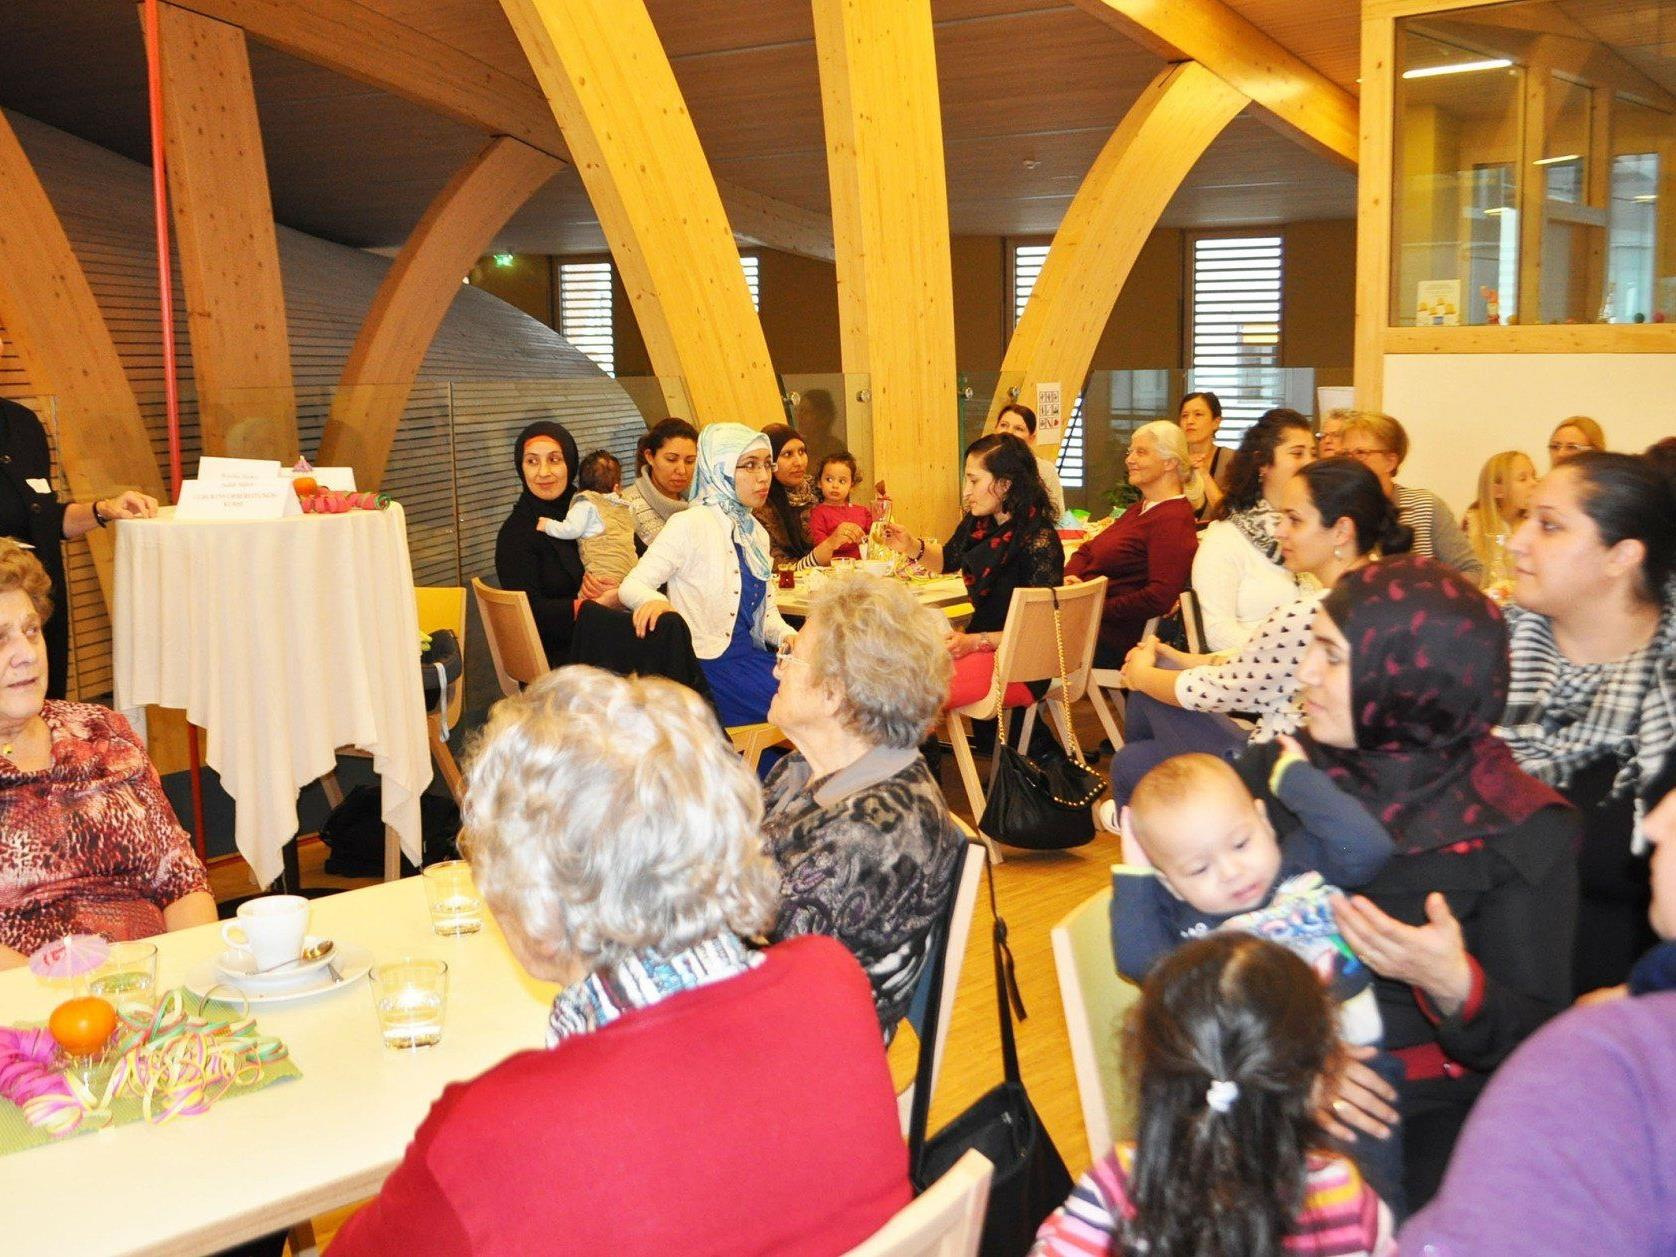 Stets erfreulich großes Interesse am Angebot im Höchster Frauencafé im KinderCampus.